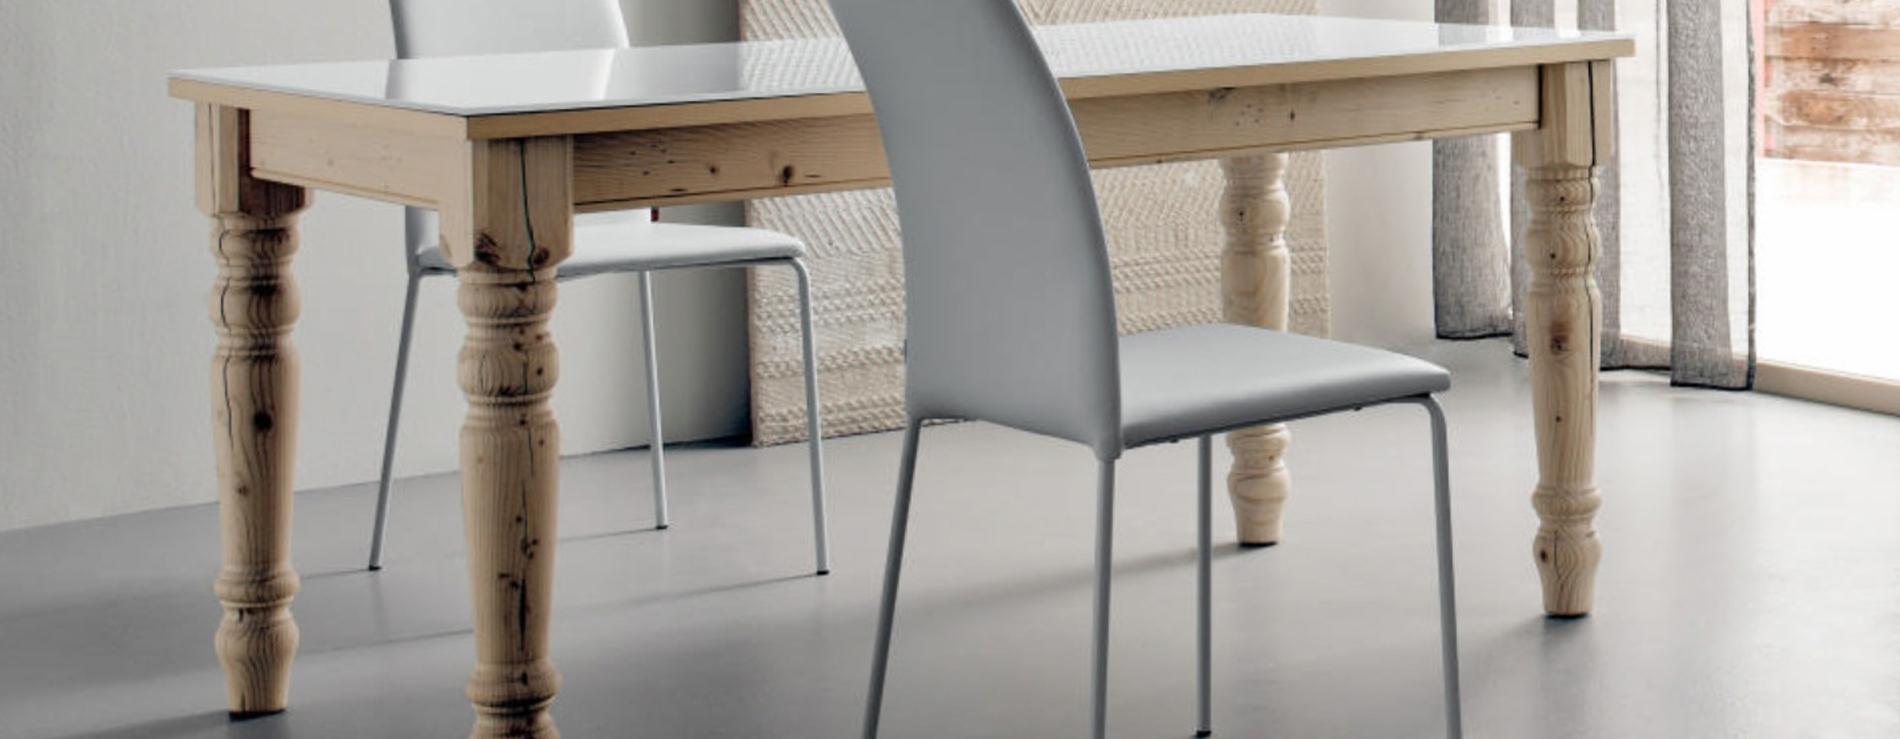 Classic tavolo sedit centro mobili - Centro italiano mobili ...